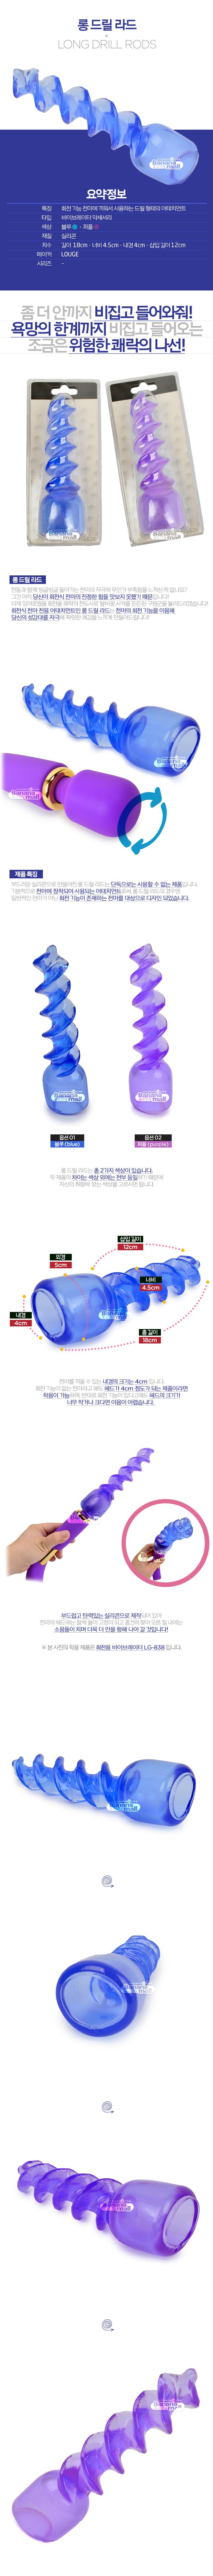 [전마 어태치먼트] 롱 드릴 라드(Long Drill Rods) - LG-526